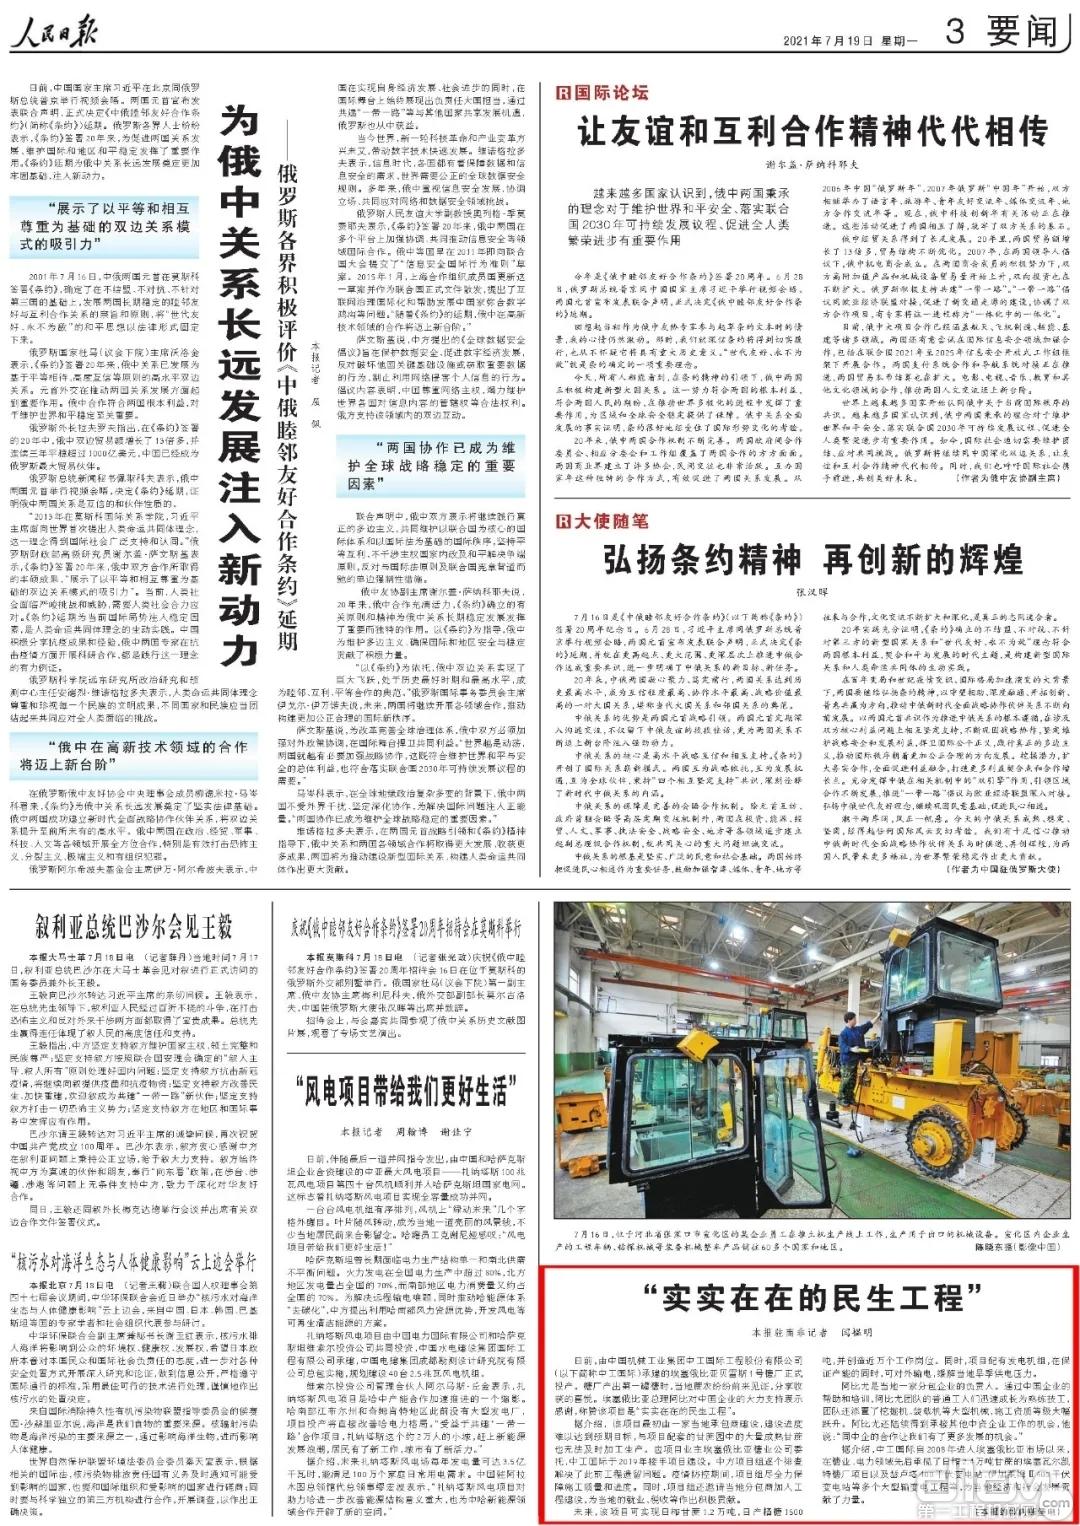 """《人民日报》以""""实实在在的民生工程""""为题对埃塞俄比亚贝雷斯1号糖厂项目进行报道"""